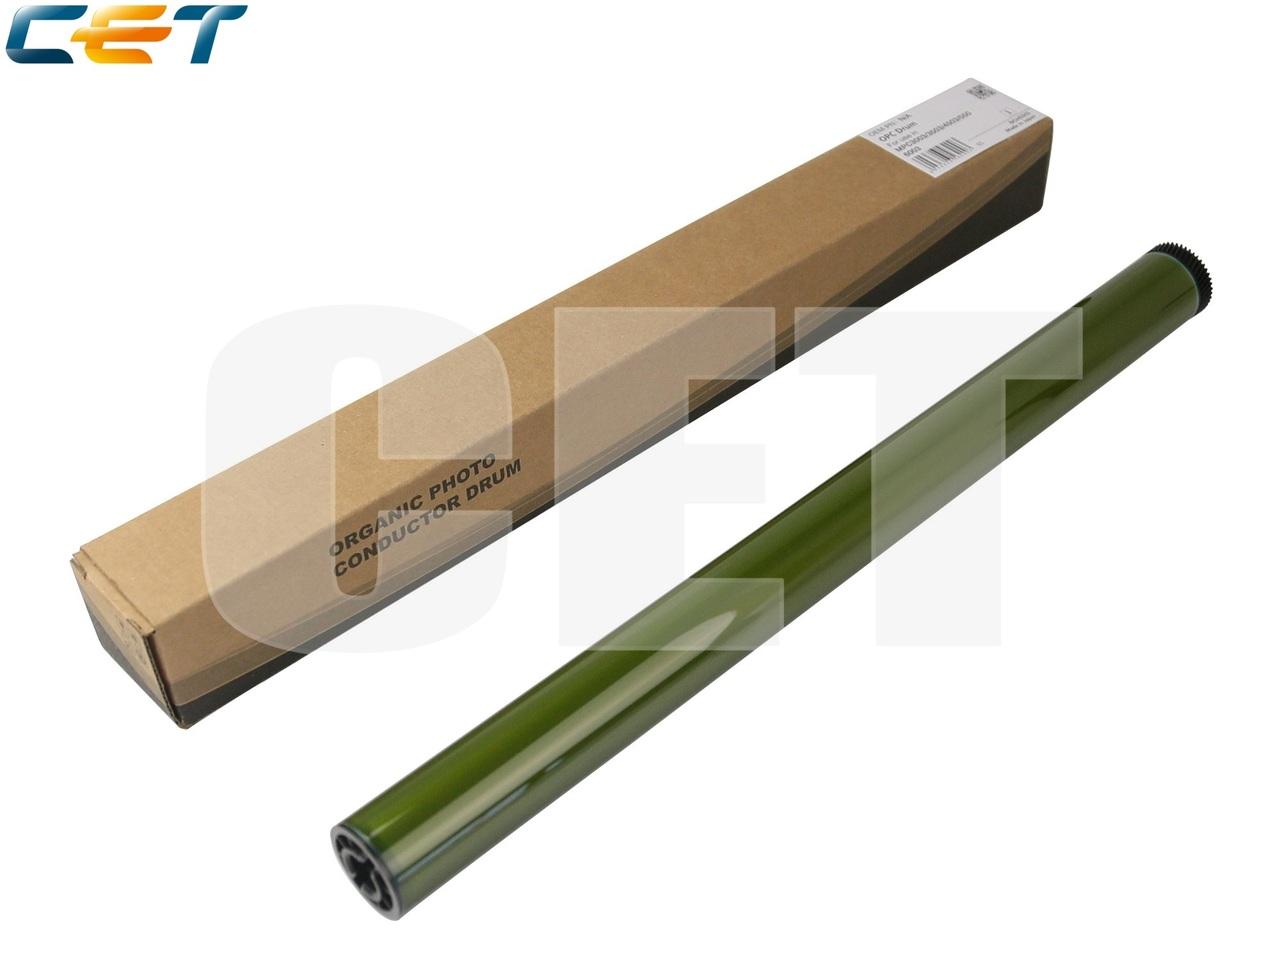 Барабан (Япония, цвет покрытия темно-зеленый) для RICOHMPC3003/3503/4503/5503/6003/4504/6004 (CET), 400000 стр.,CET6200